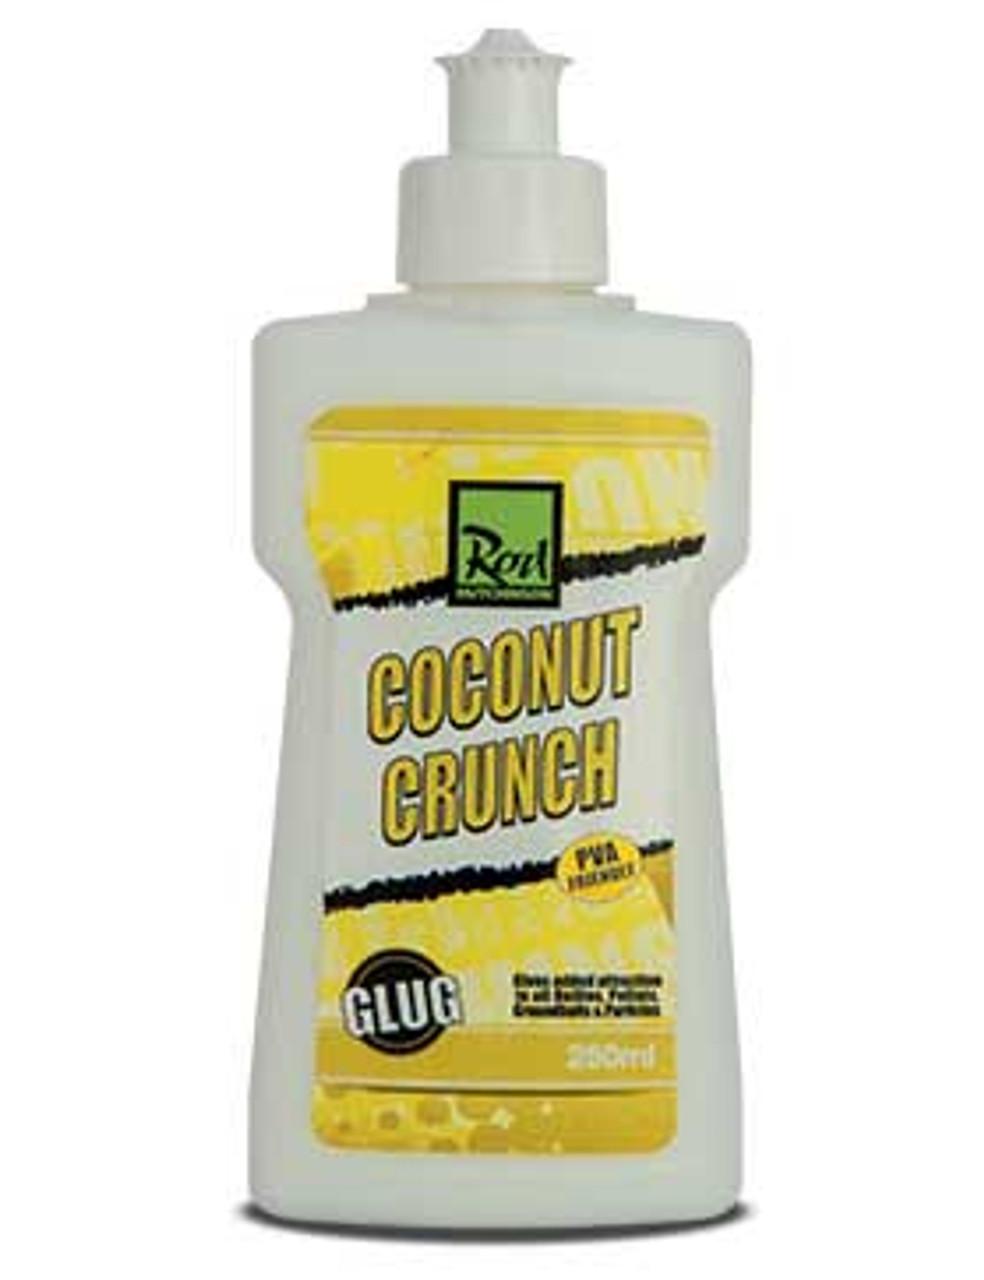 Rod Hutchinson Coconut Crunch Bait Glug